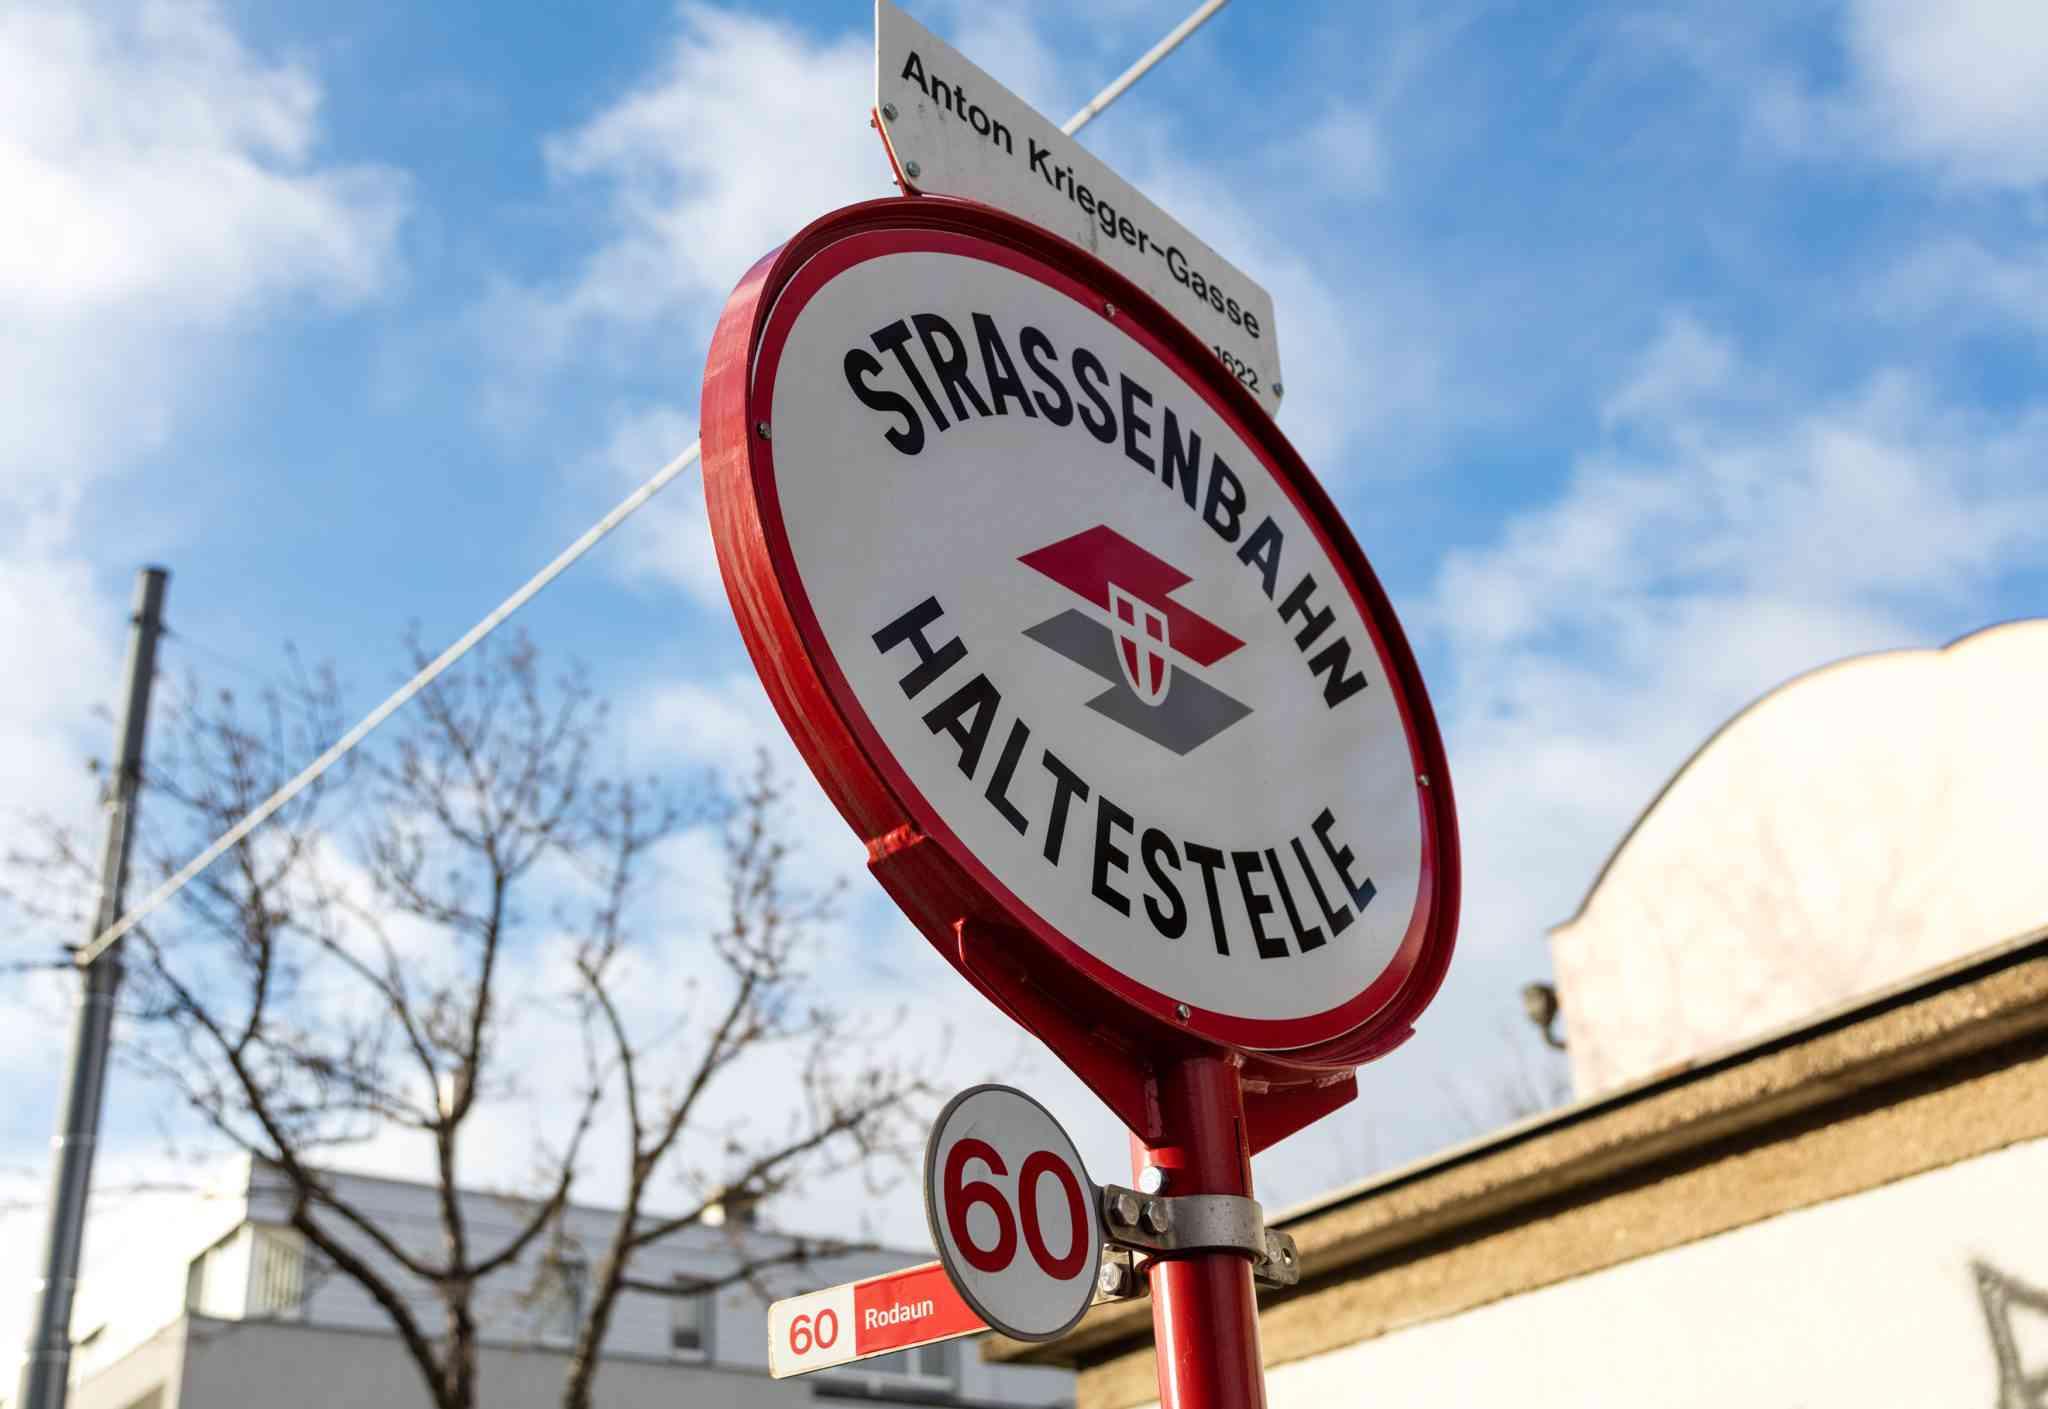 Bei der Station Anton-Krieger-Gasse befindet sich der höchste Punkt im gesamten Straßenbahnnetz.